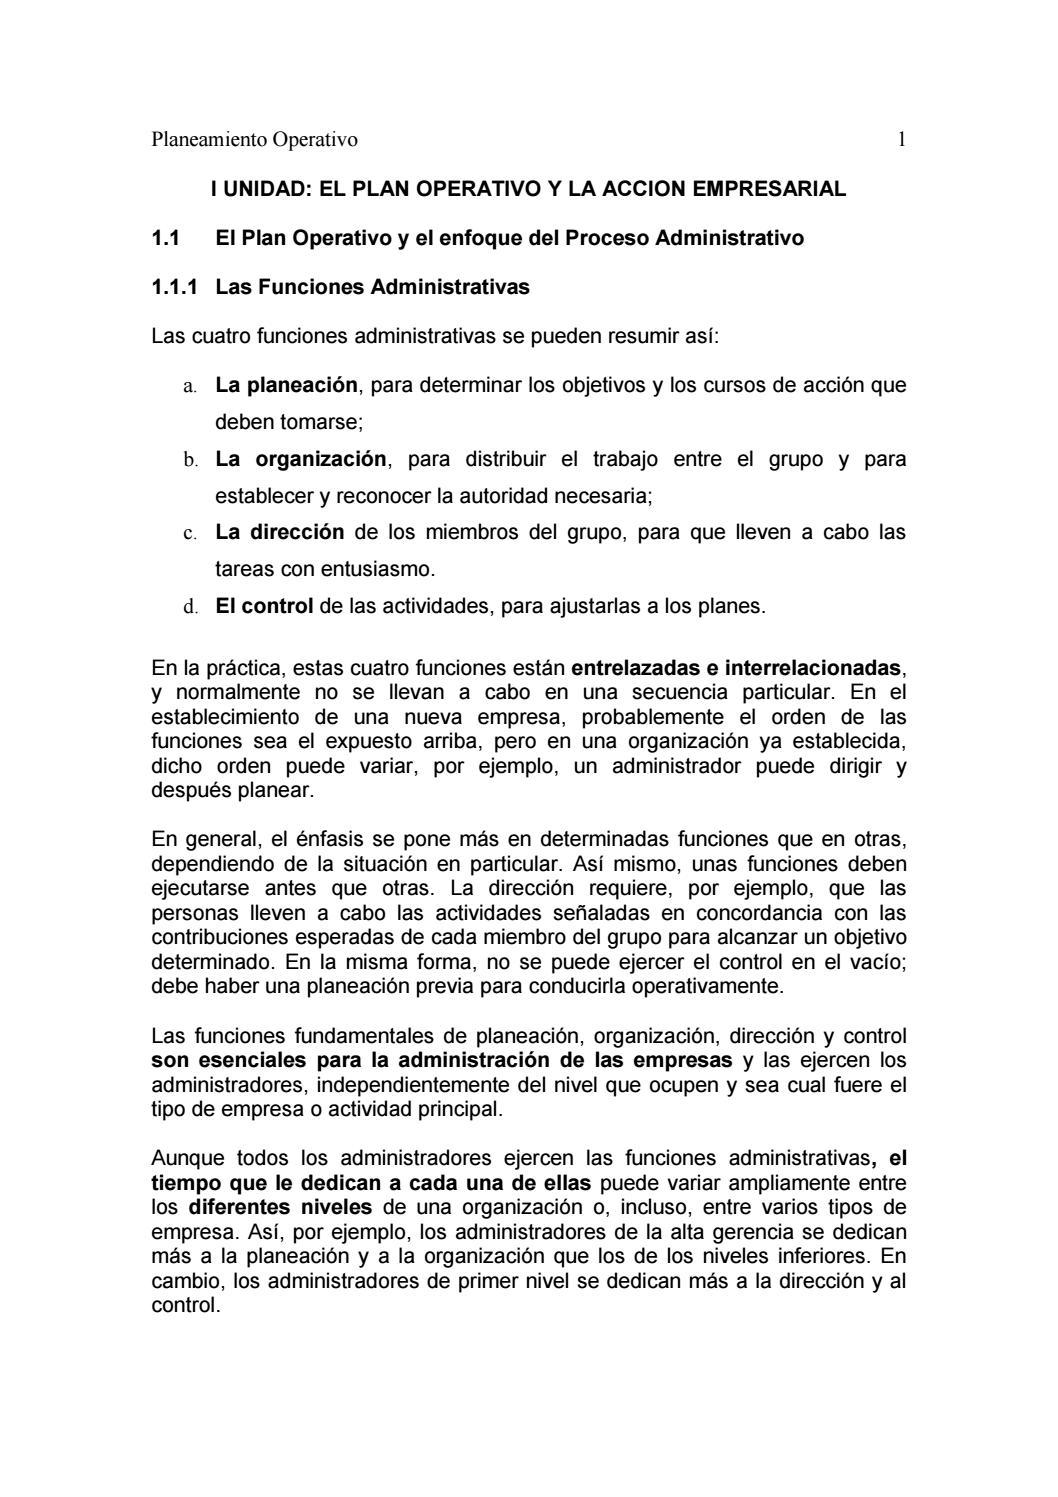 1 el plan operativo y la accion empresarial by thaylor - issuu